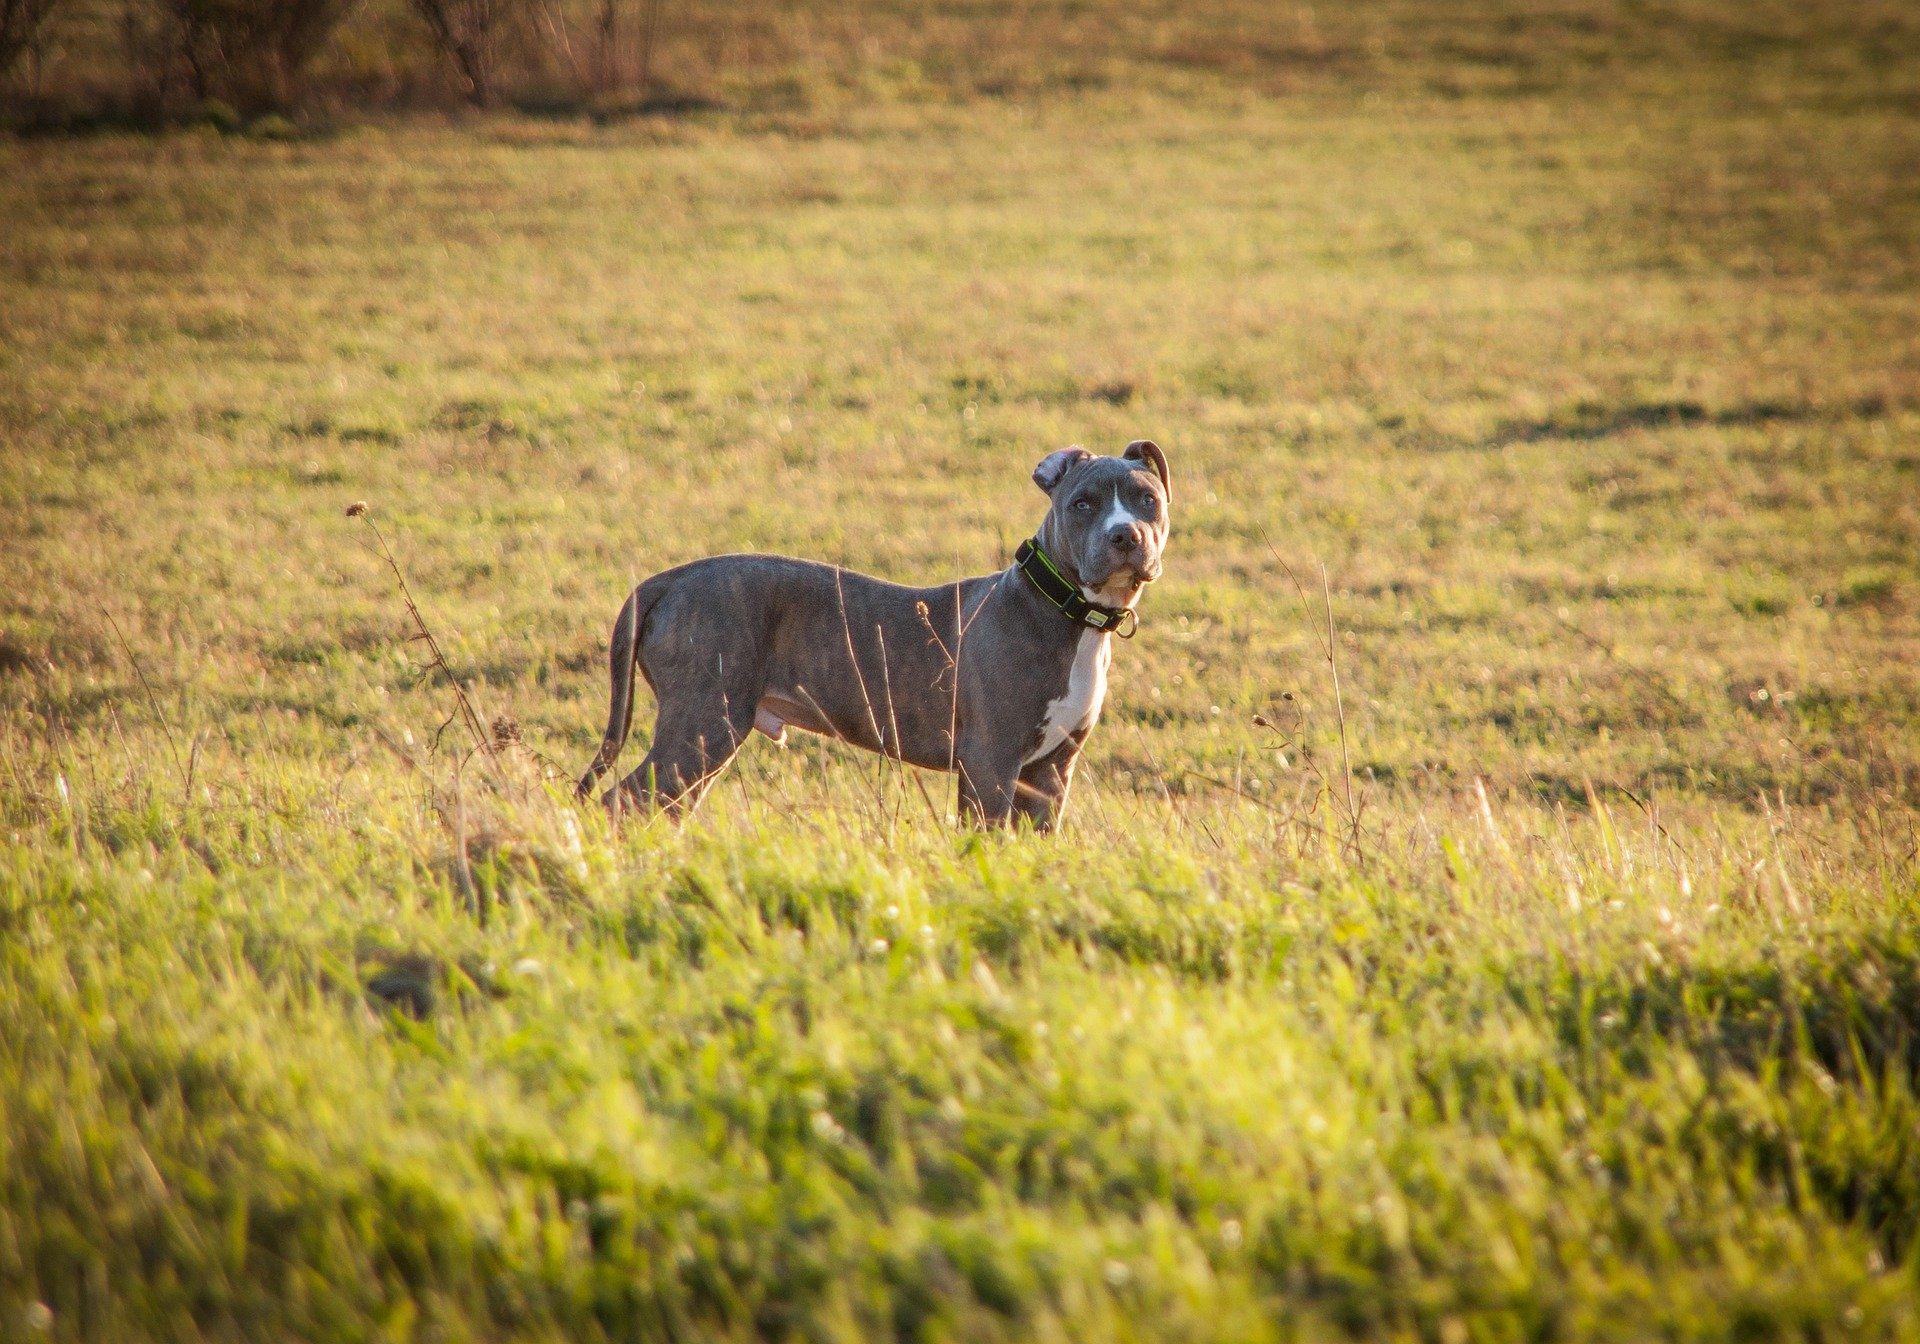 Amstaff wywodzi się z grupy psów bojowych, decydując się na tę rasę należy mieć na uwadze jego pochodzenie.